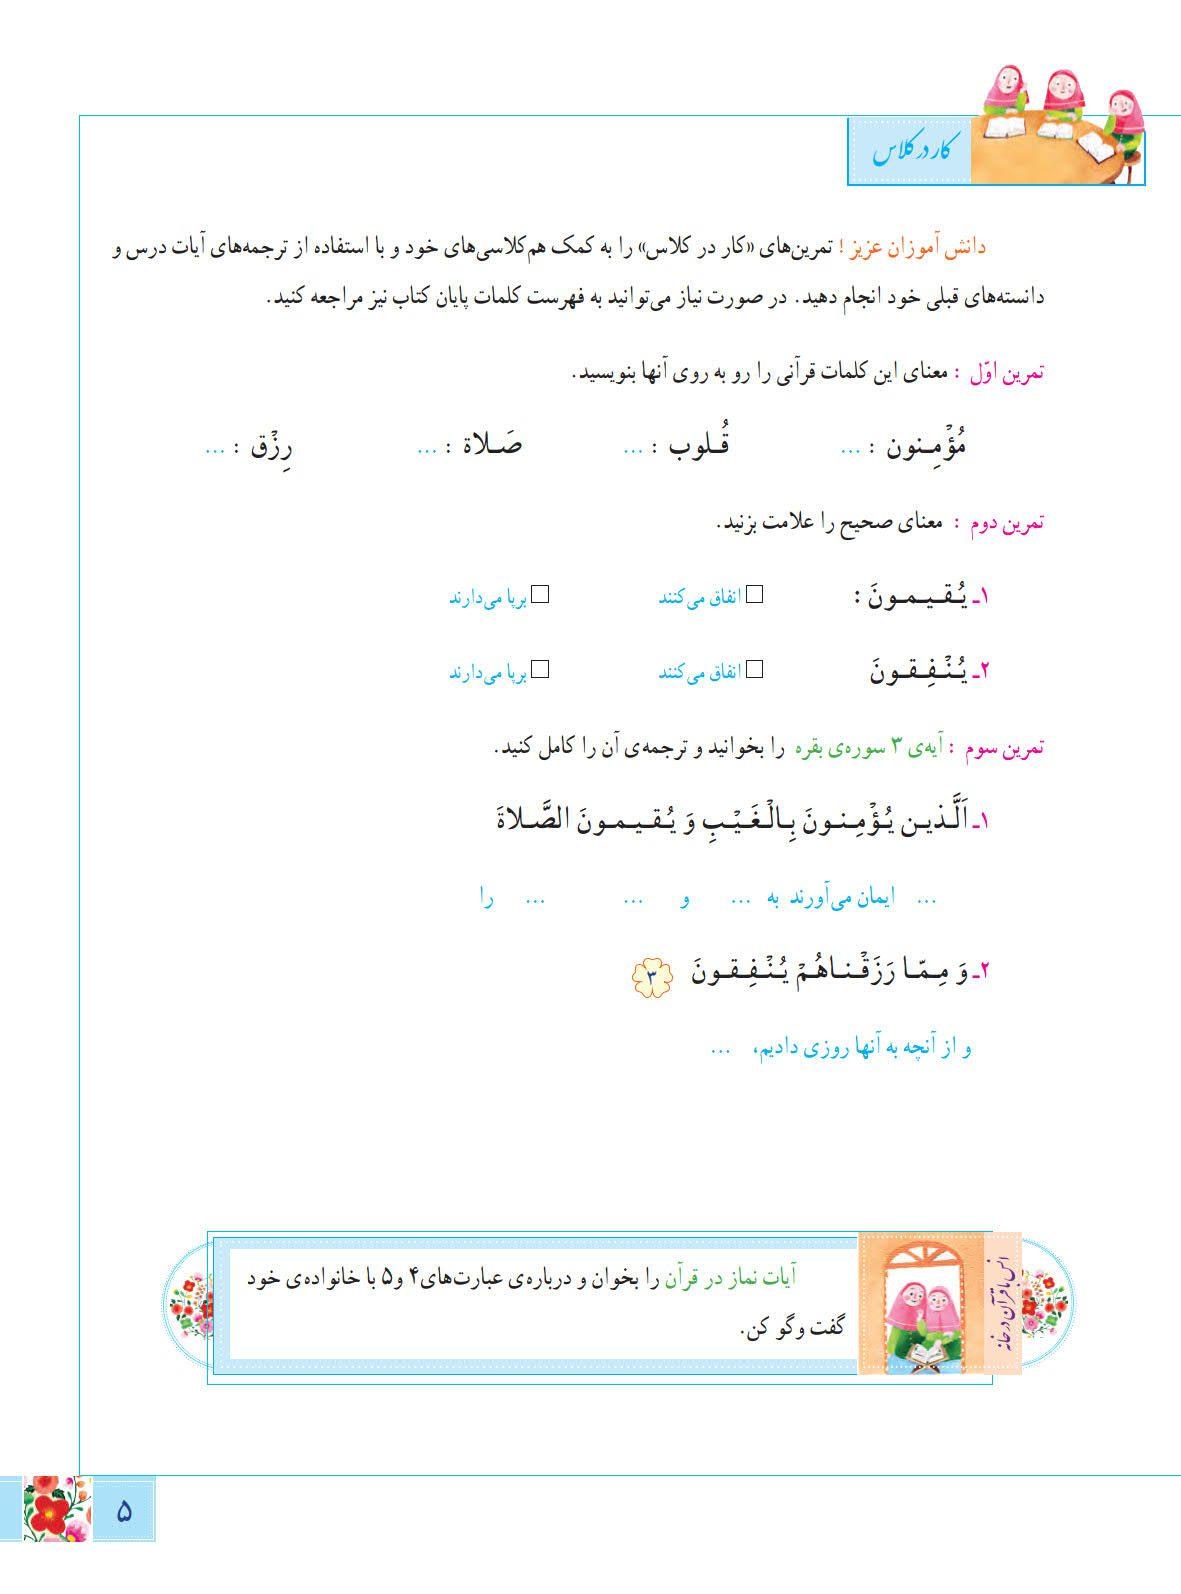 آموزش قرآن ششم - درس اول - کلاس اینترنتی ما - مومکا (4)